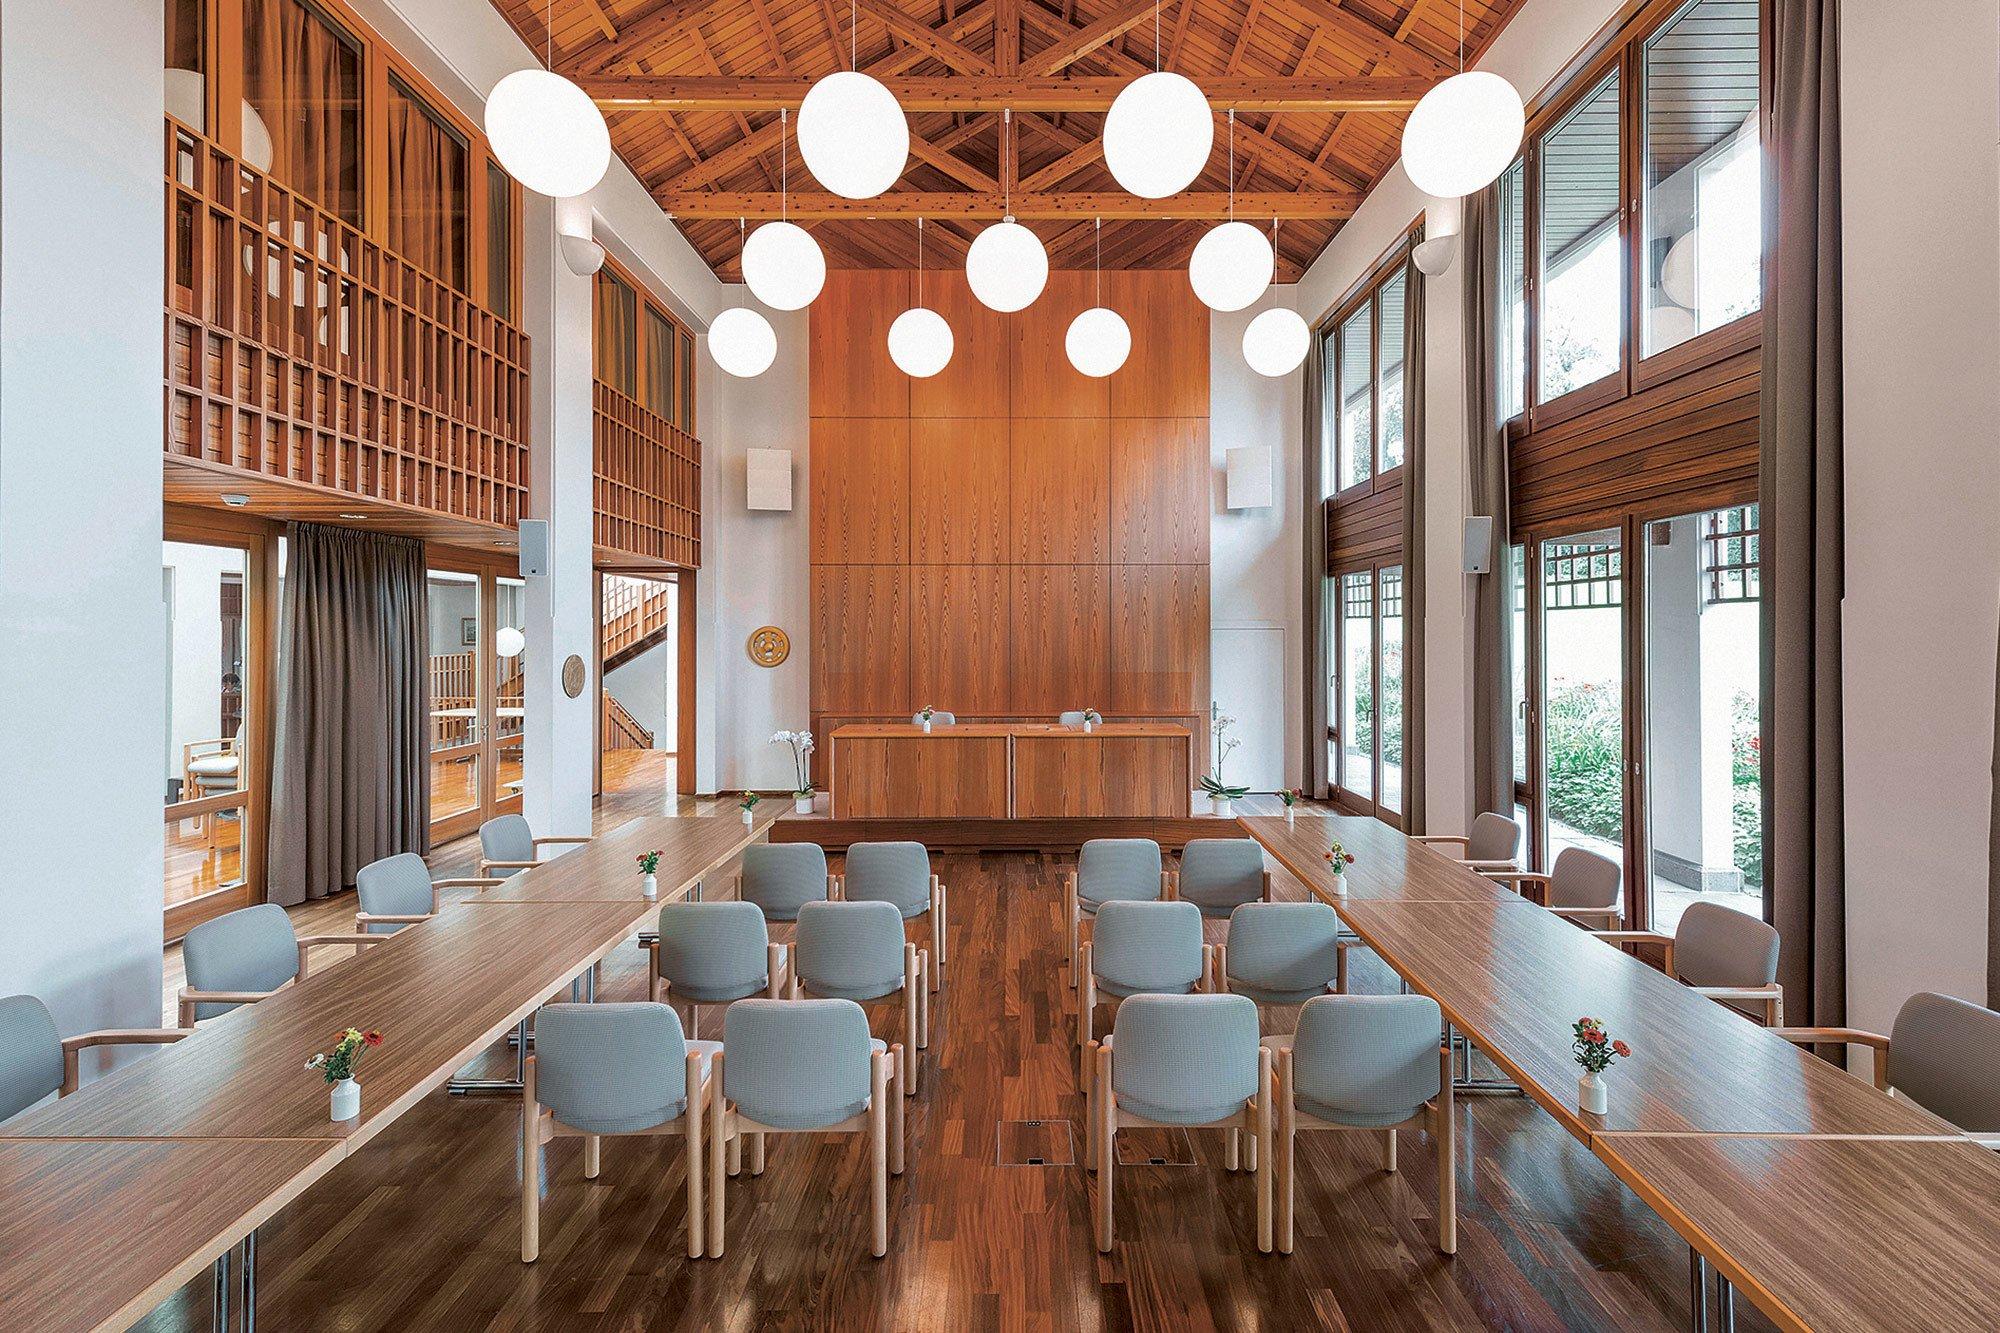 Die Aula im Boutique-Konferenzzentrum Villa Lillienberg nach der Aufbereitung der Stühle.